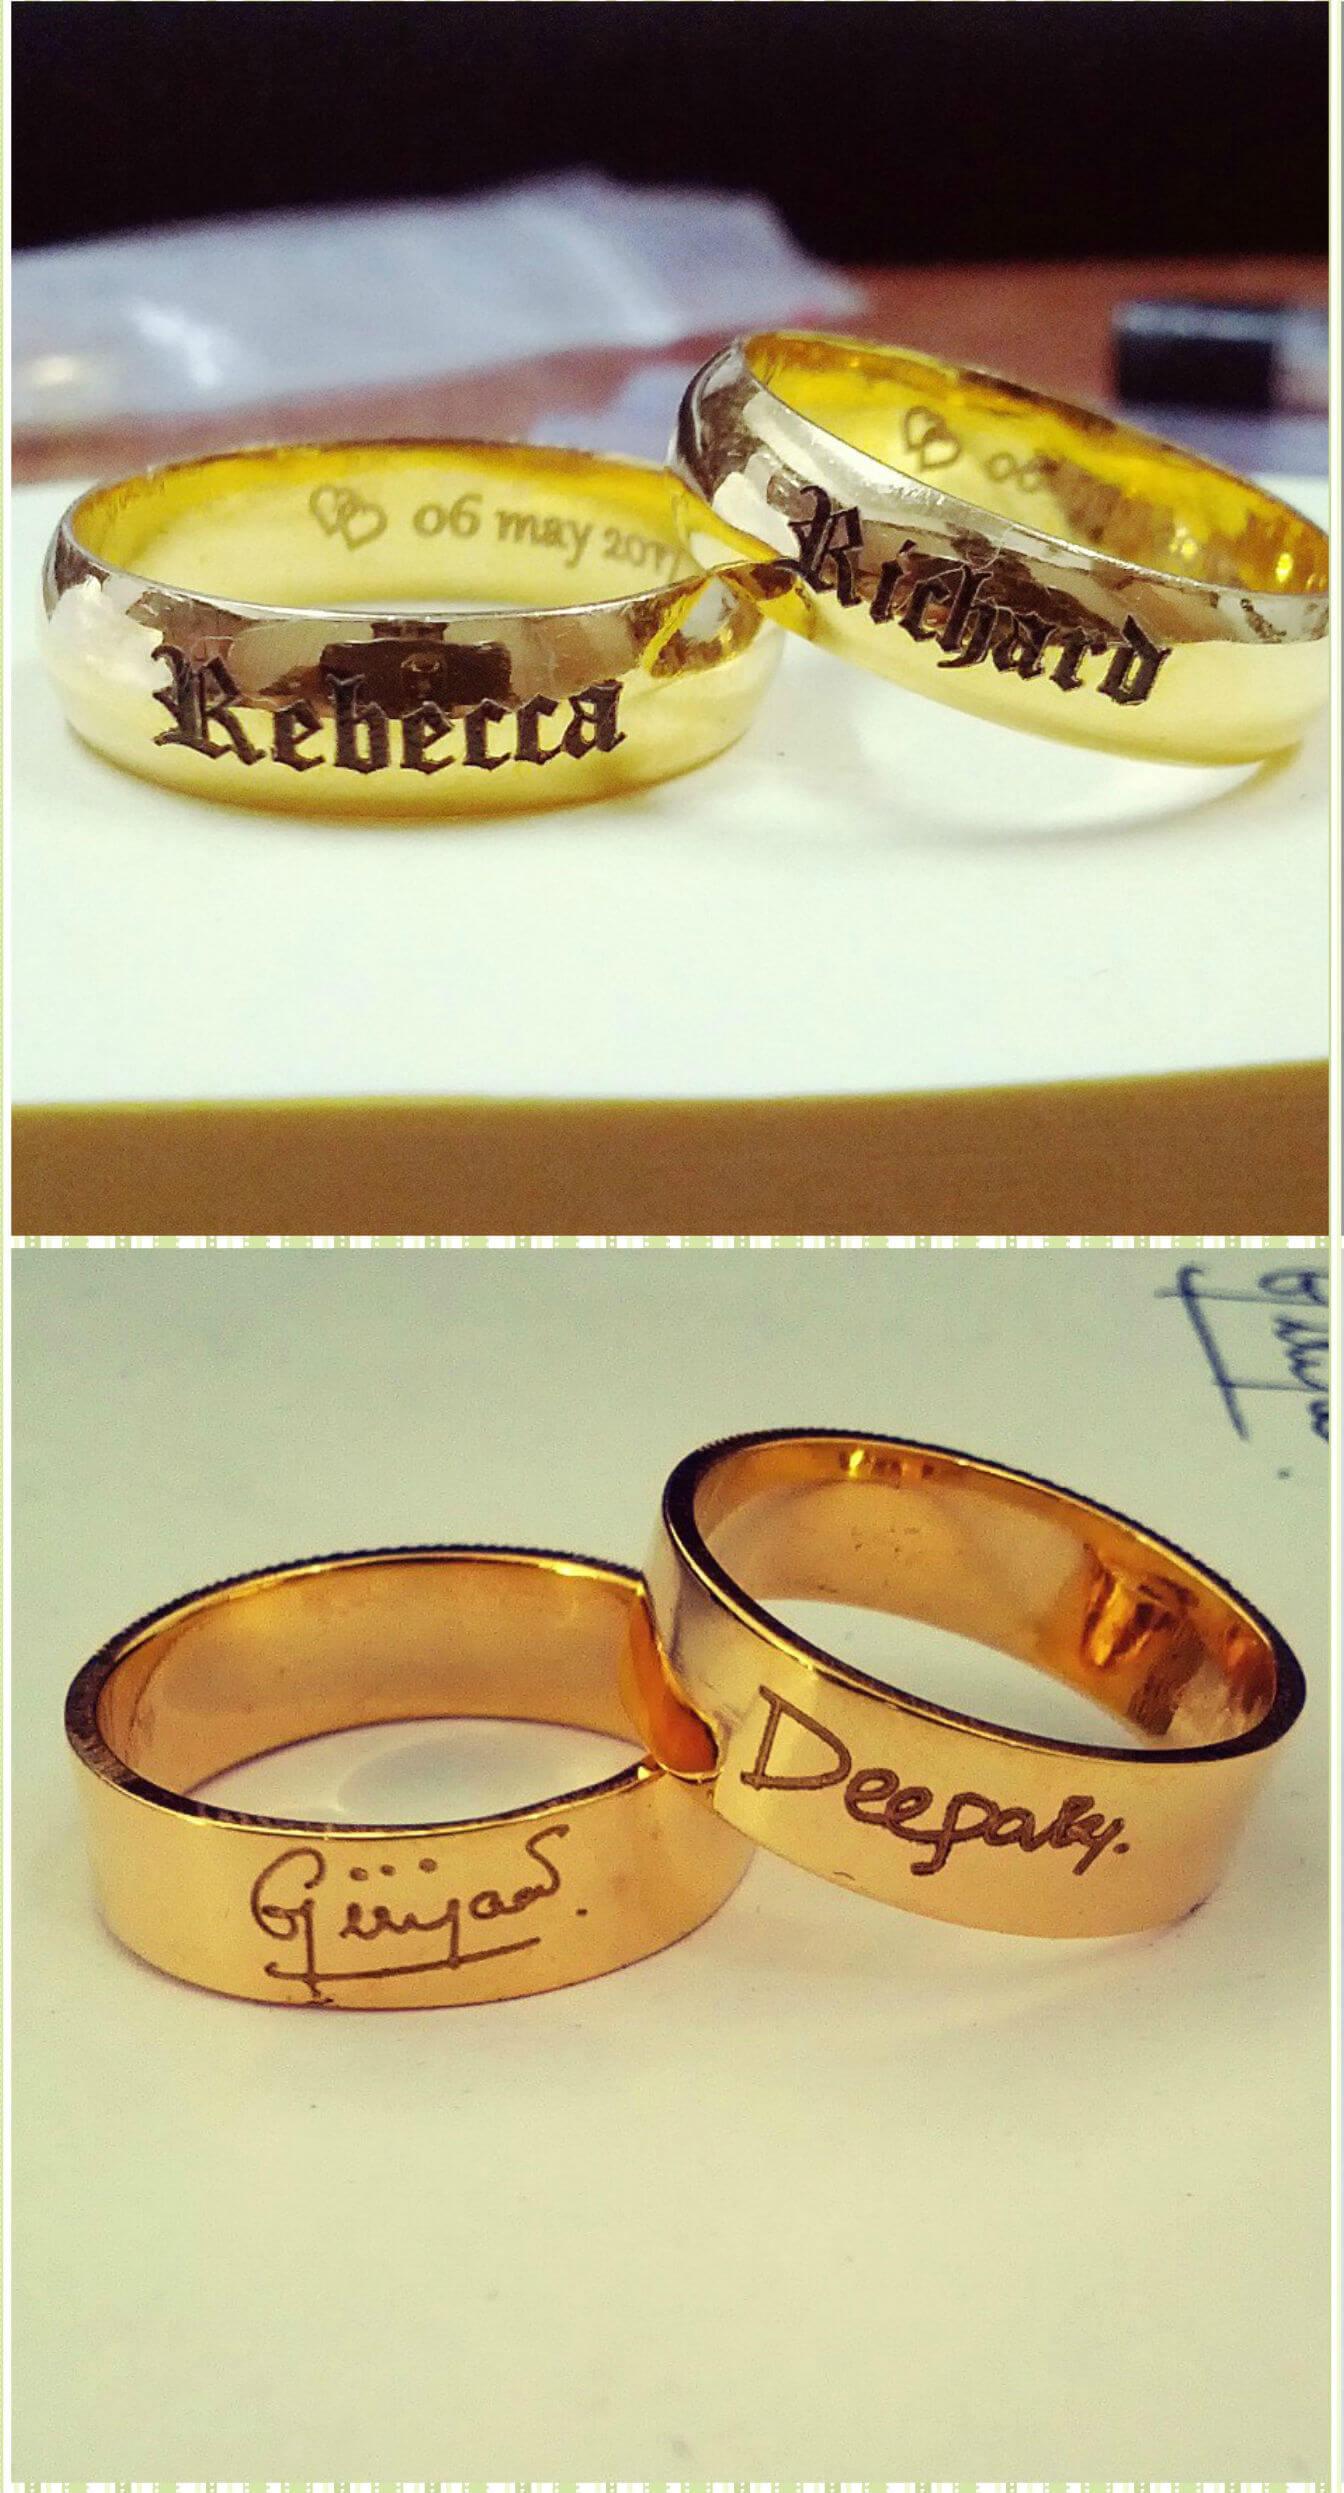 Insta11: Golden Wedding Rings Names At Websimilar.org